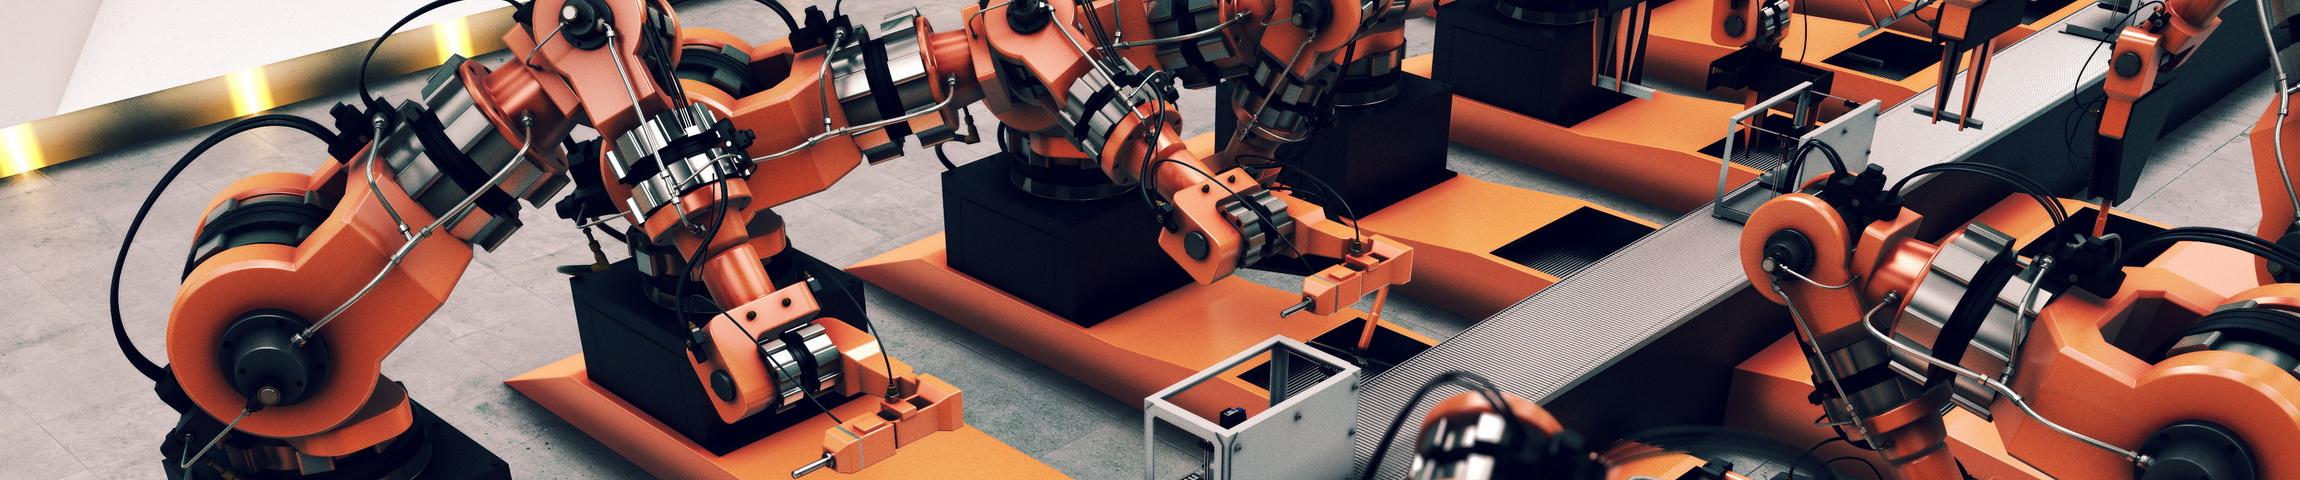 Maschinen und Roboter!